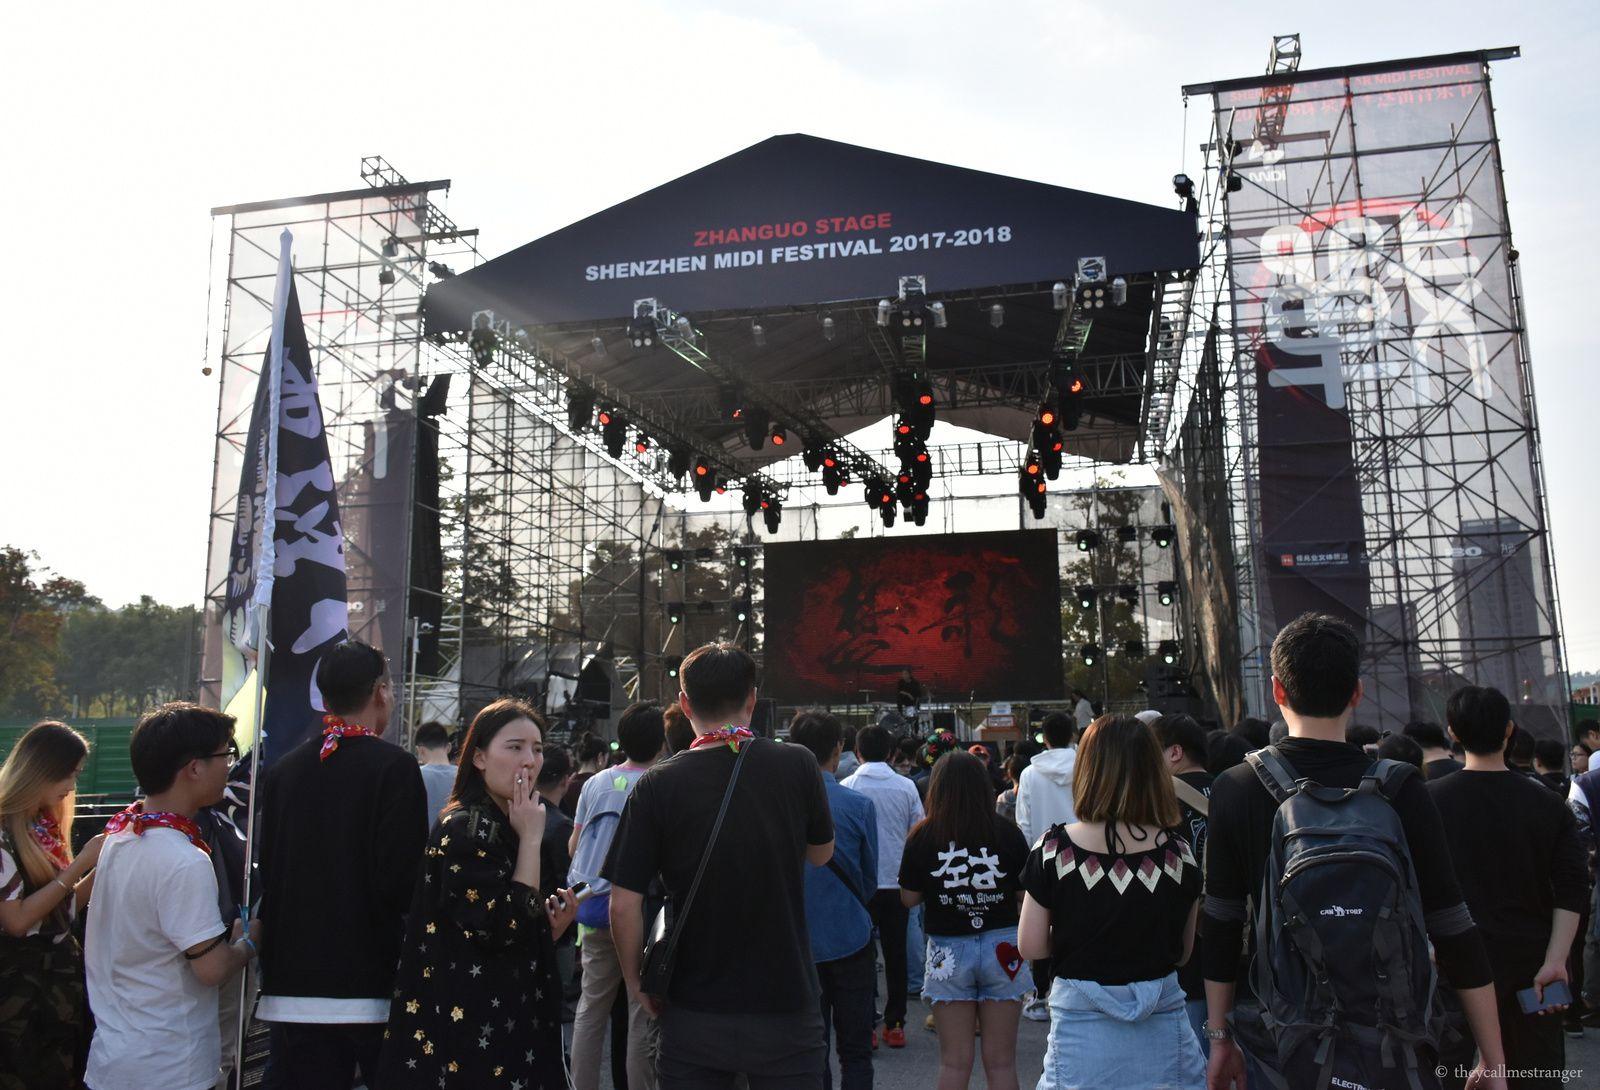 Shenzhen MIDI Music Festival